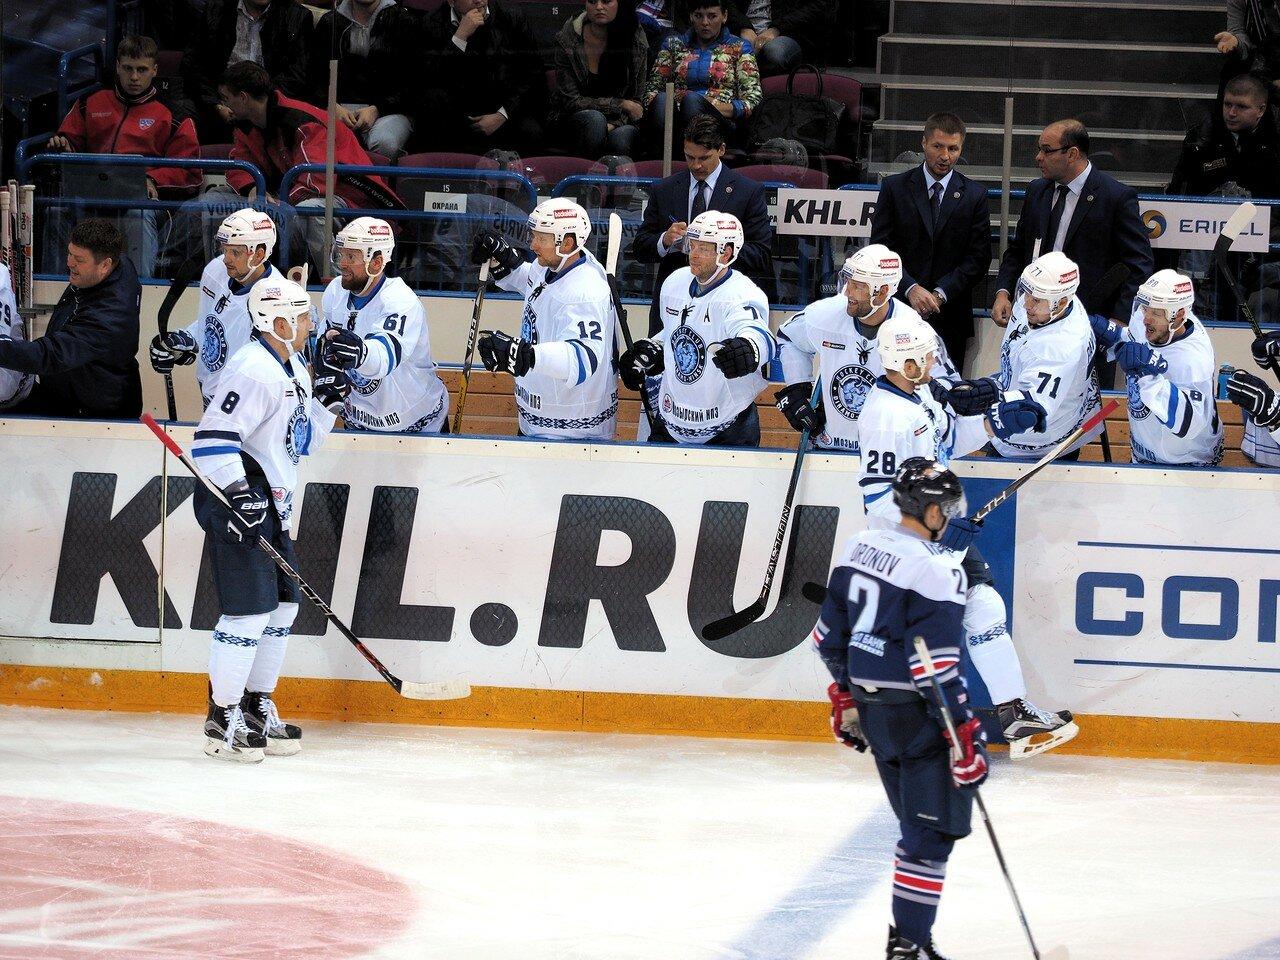 49Металлург - Динамо Минск 13.09.2016